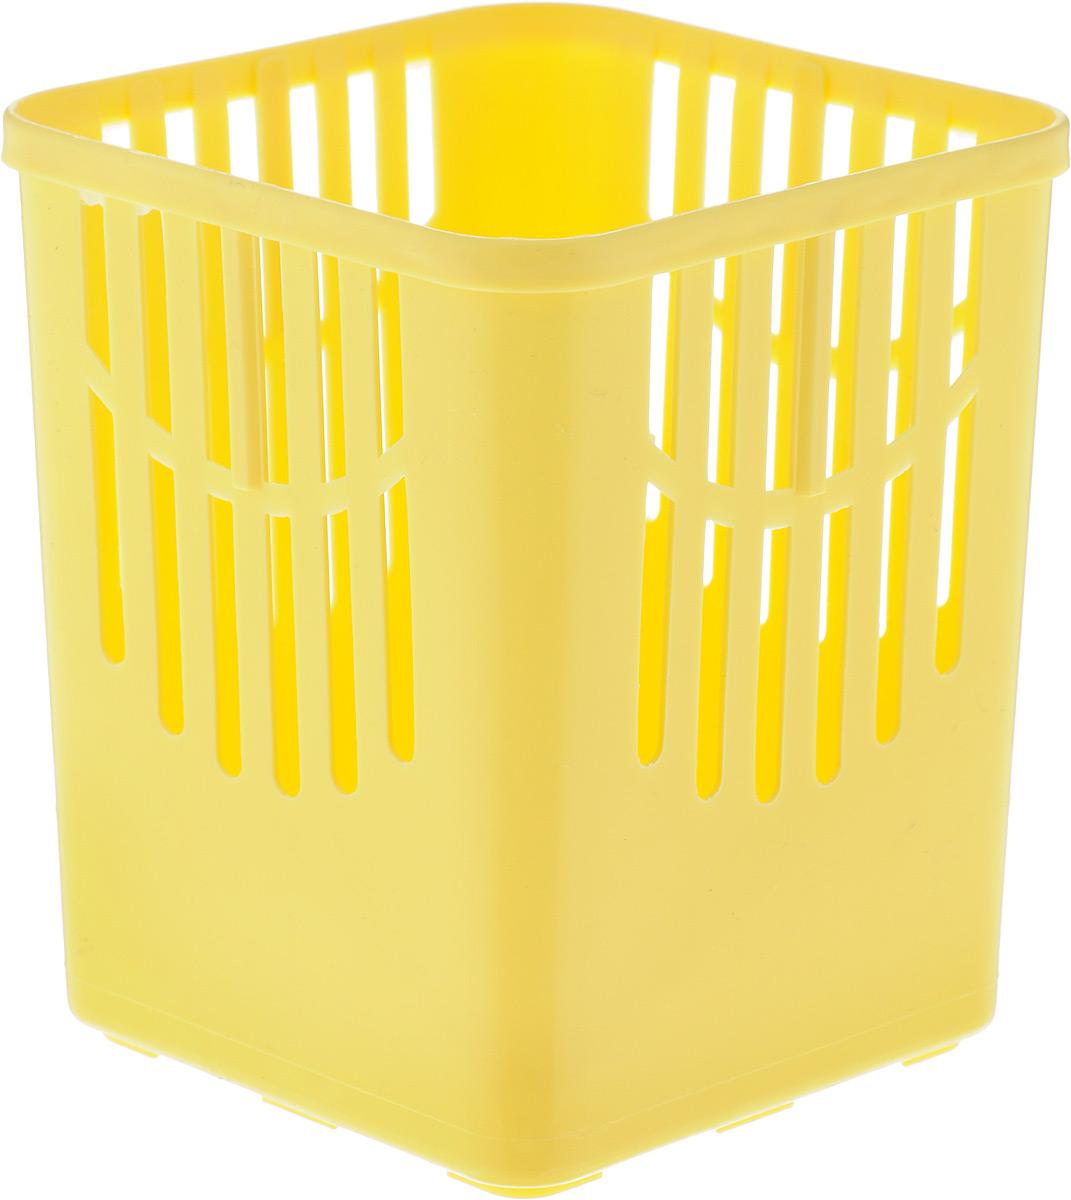 Подставка для столовых приборов Axentia, цвет: желтый, 10,5 х 10,5 х 12,5 см115510Подставка для столовых приборов Axentia, выполненная из высококачественного пластика, станет полезным приобретением для вашей кухни. Она хорошо впишется в интерьер, не займет много места, а столовые приборы будут всегда под рукой.Размер подставки: 10,5 х 10,5 х 12,5 см.